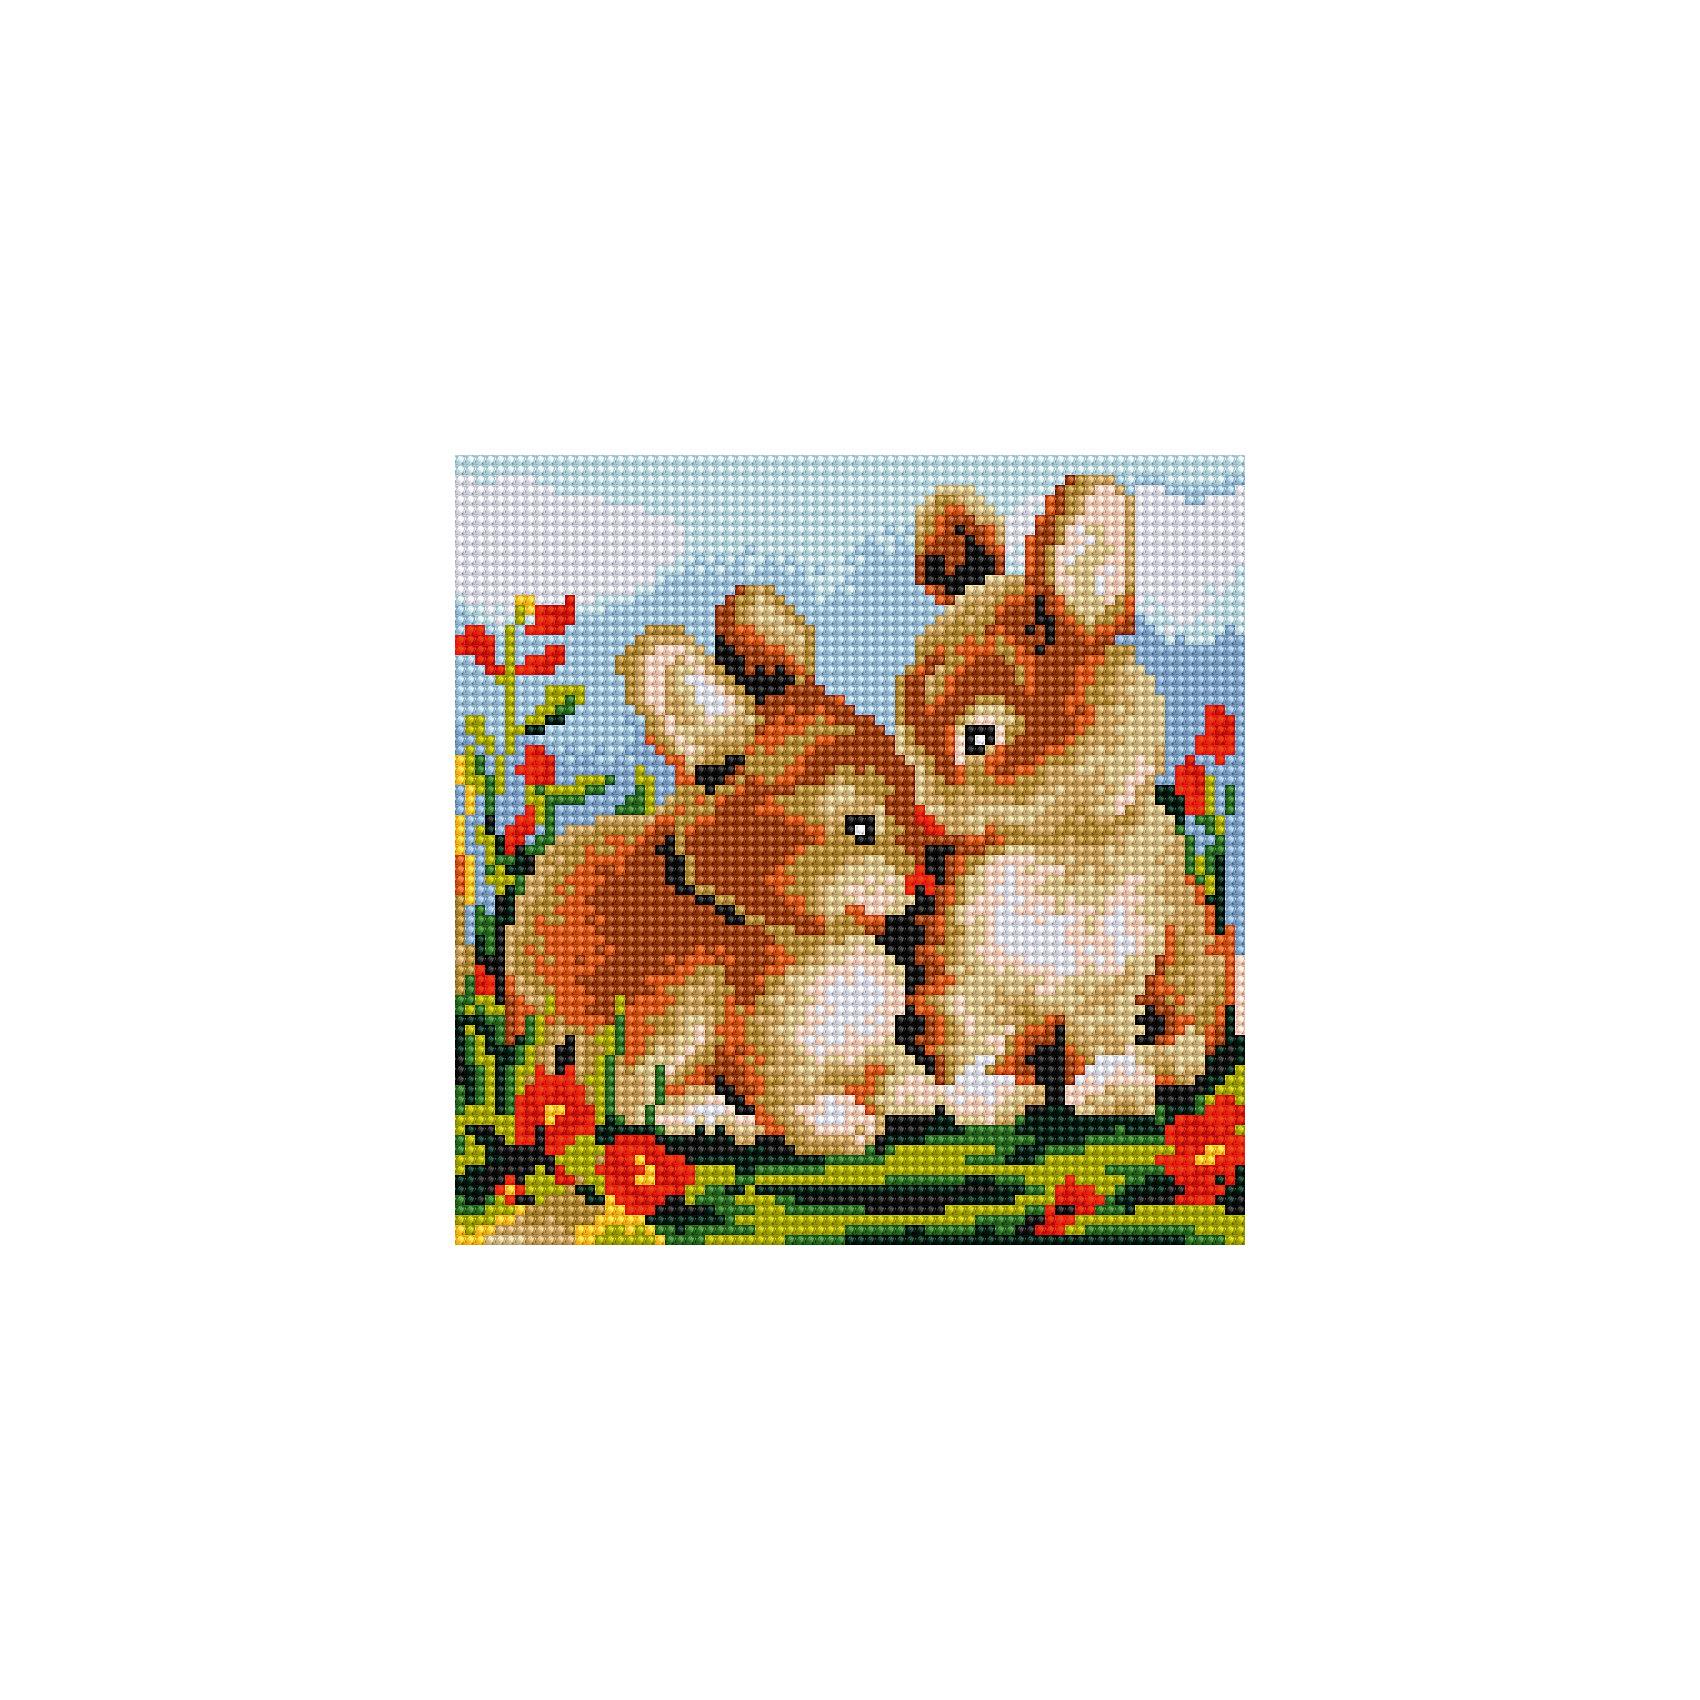 Schreiber Алмазная мозаика по номерами Кролики 20*20 см schreiber алмазная мозаика по номерами ежик 20 20 см